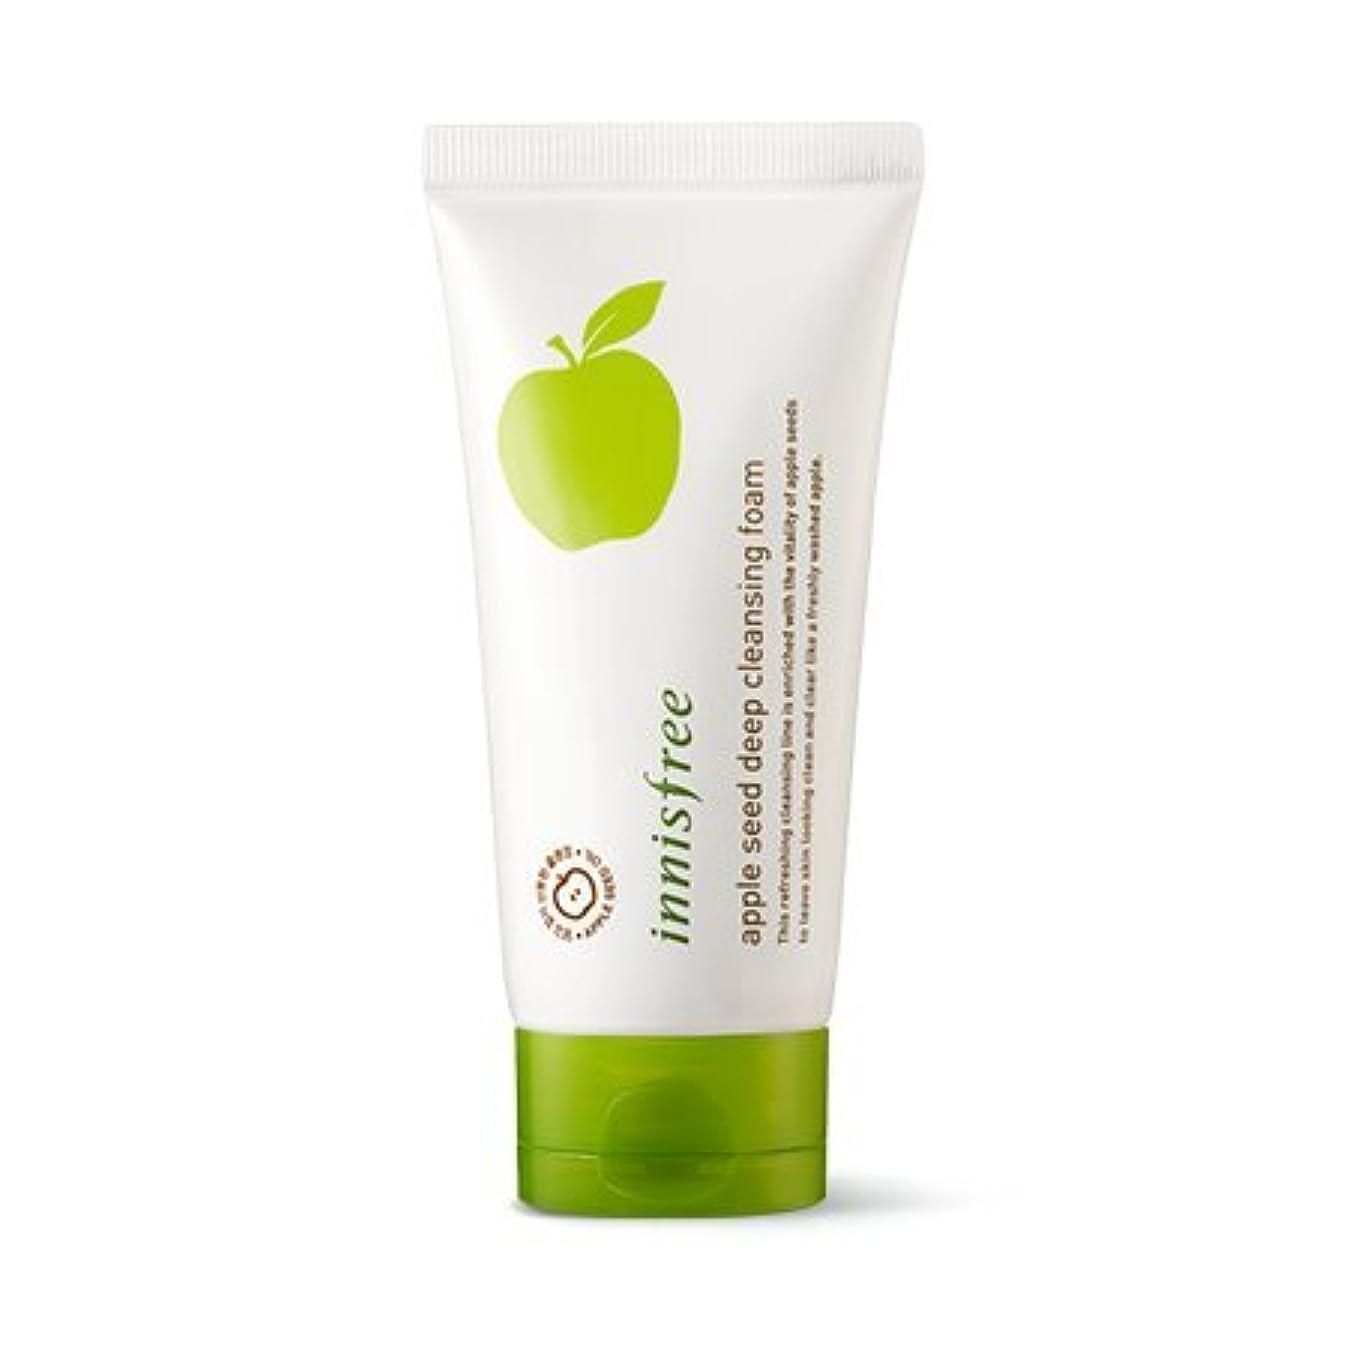 最小化するリスト入力[New] innisfree Apple Seed Deep Cleansing Foam 150ml/イニスフリー アップル シード ディープ クレンジング フォーム 150ml